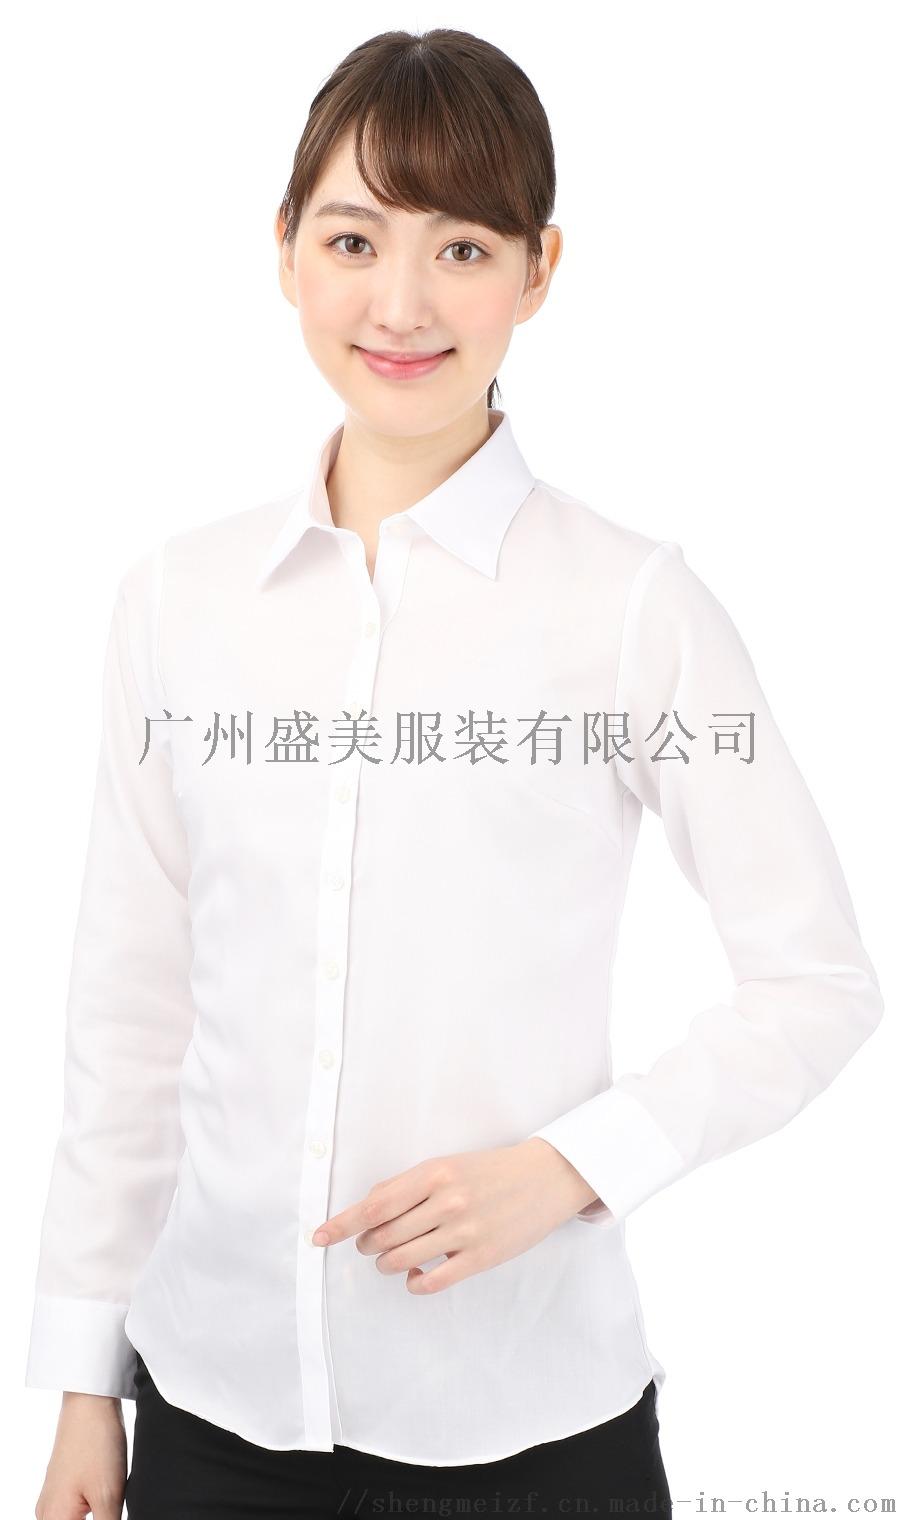 番禺区衬衫定做,钟村员工衬衣定制,绣字衬衫订做765073822